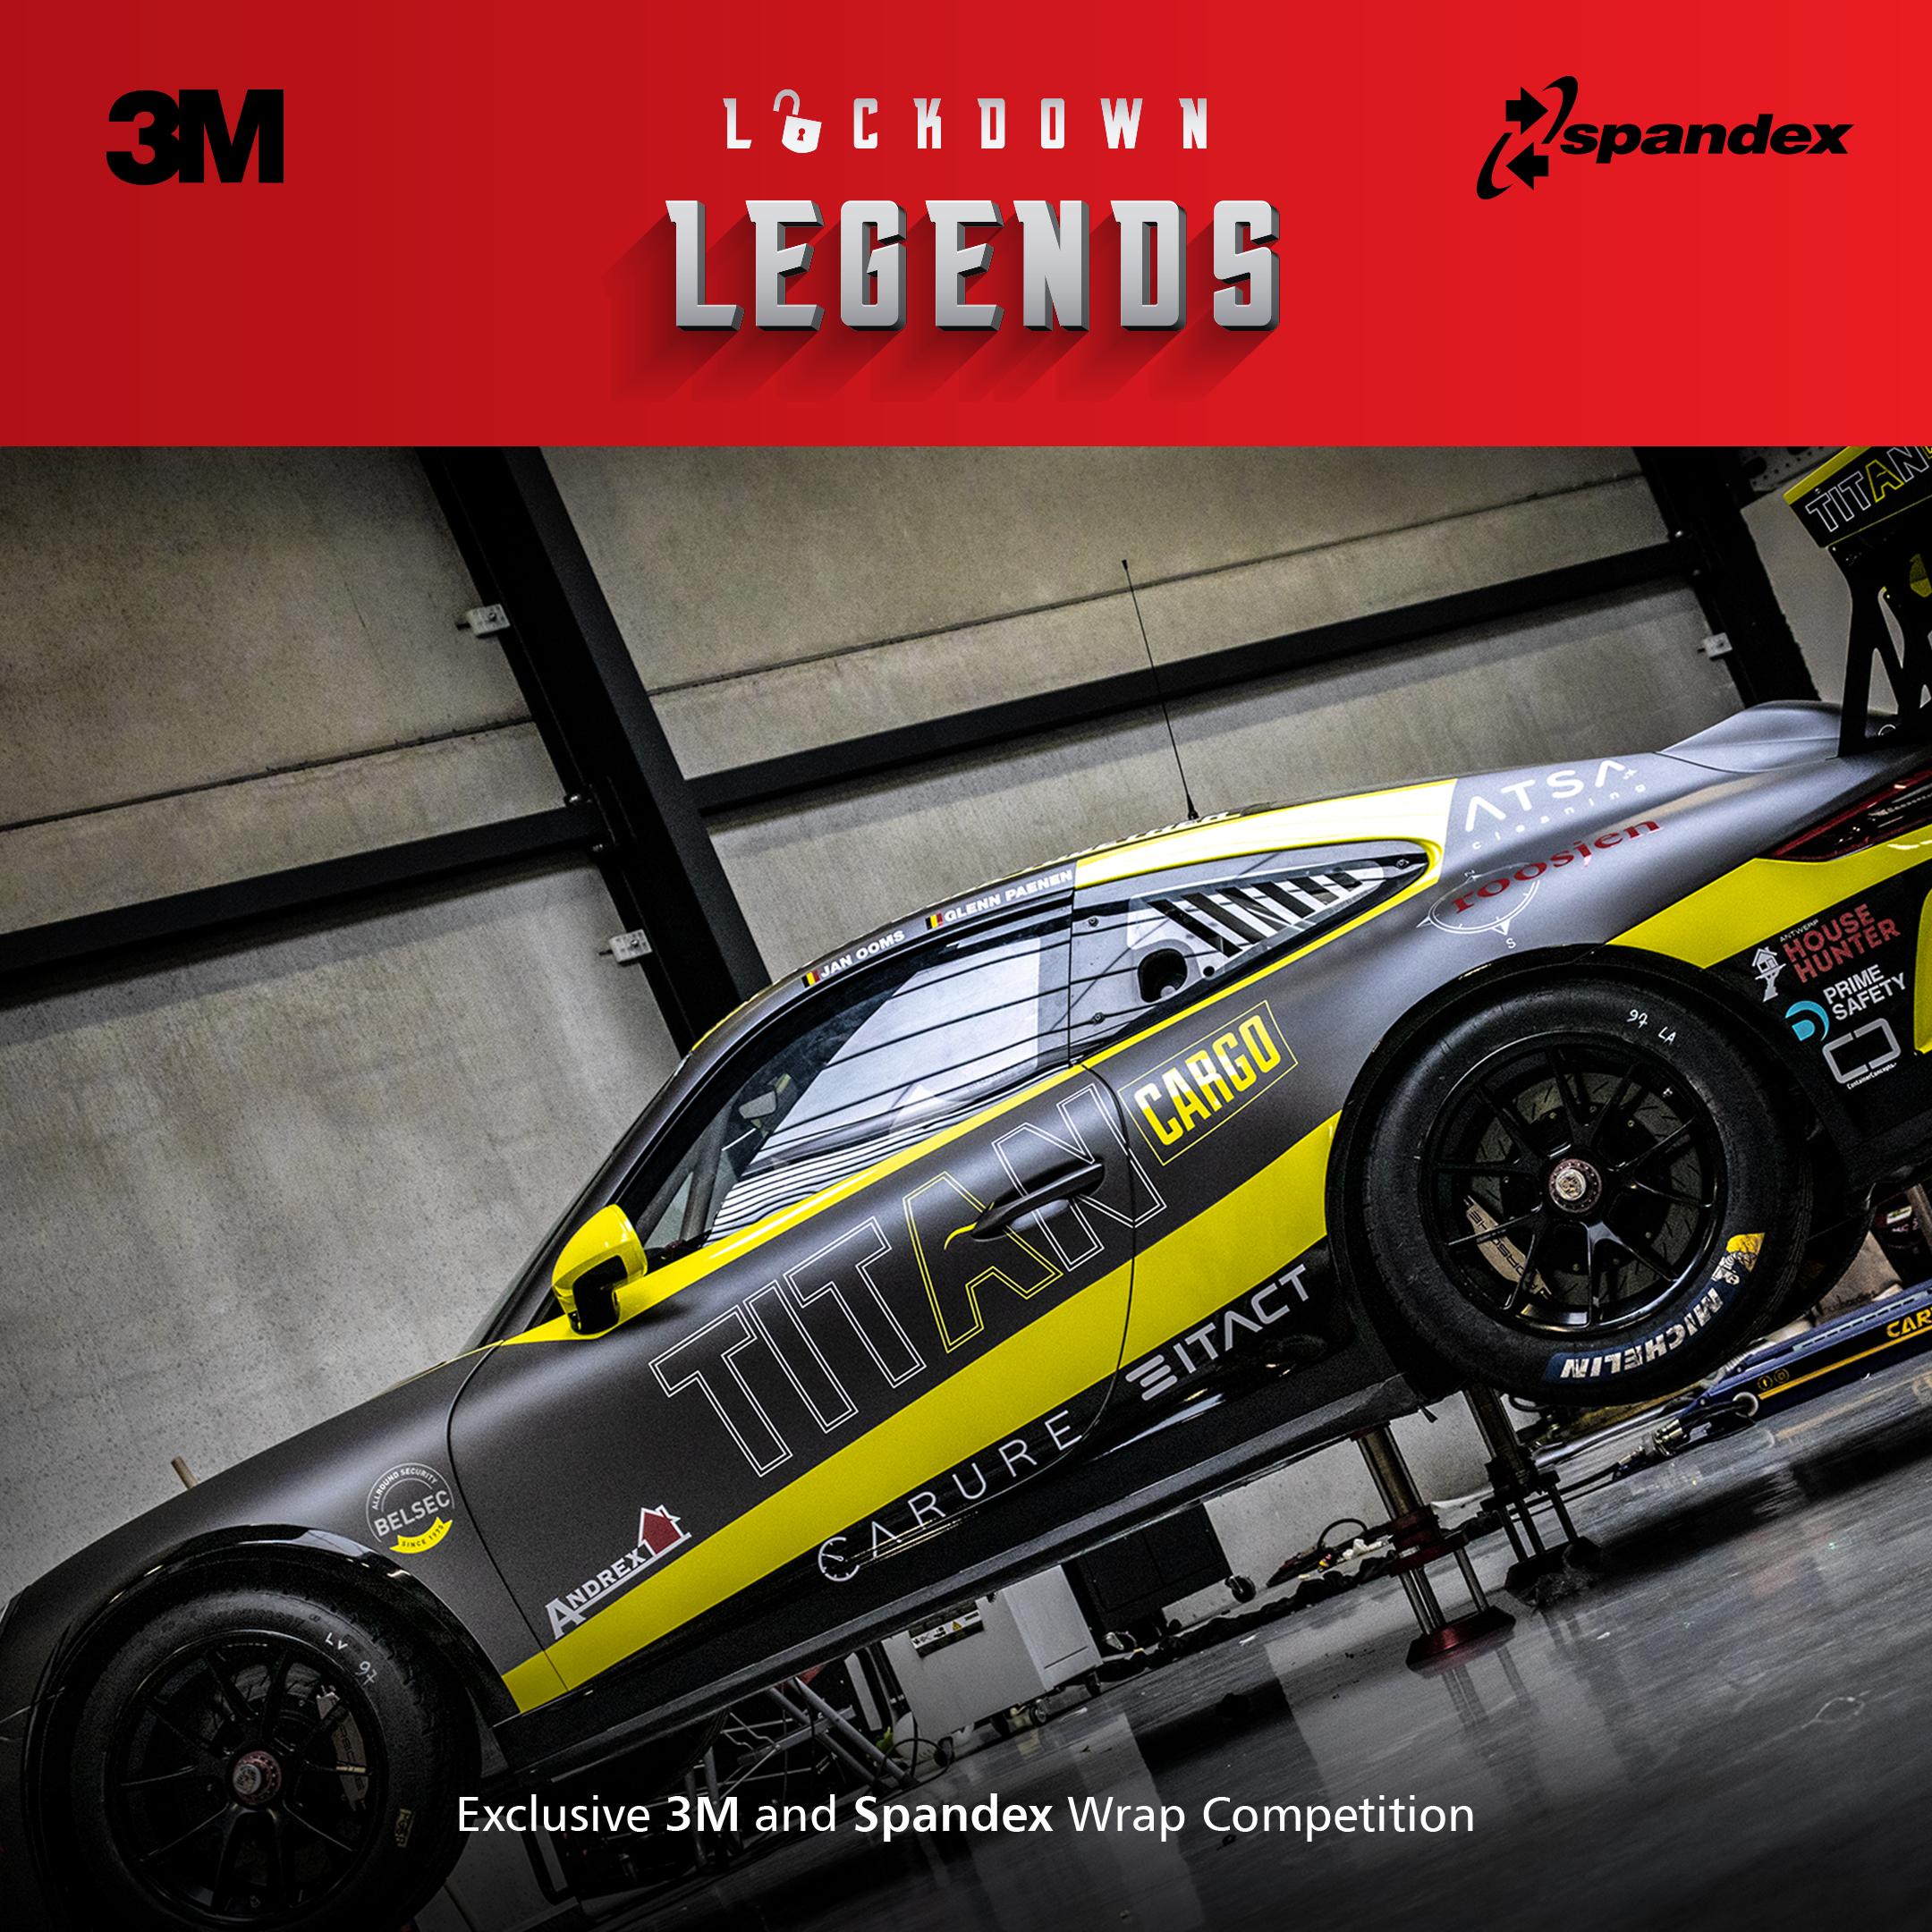 Spandex en 3M maken de winnaars van de 'Lockdown Legends' competitie bekend